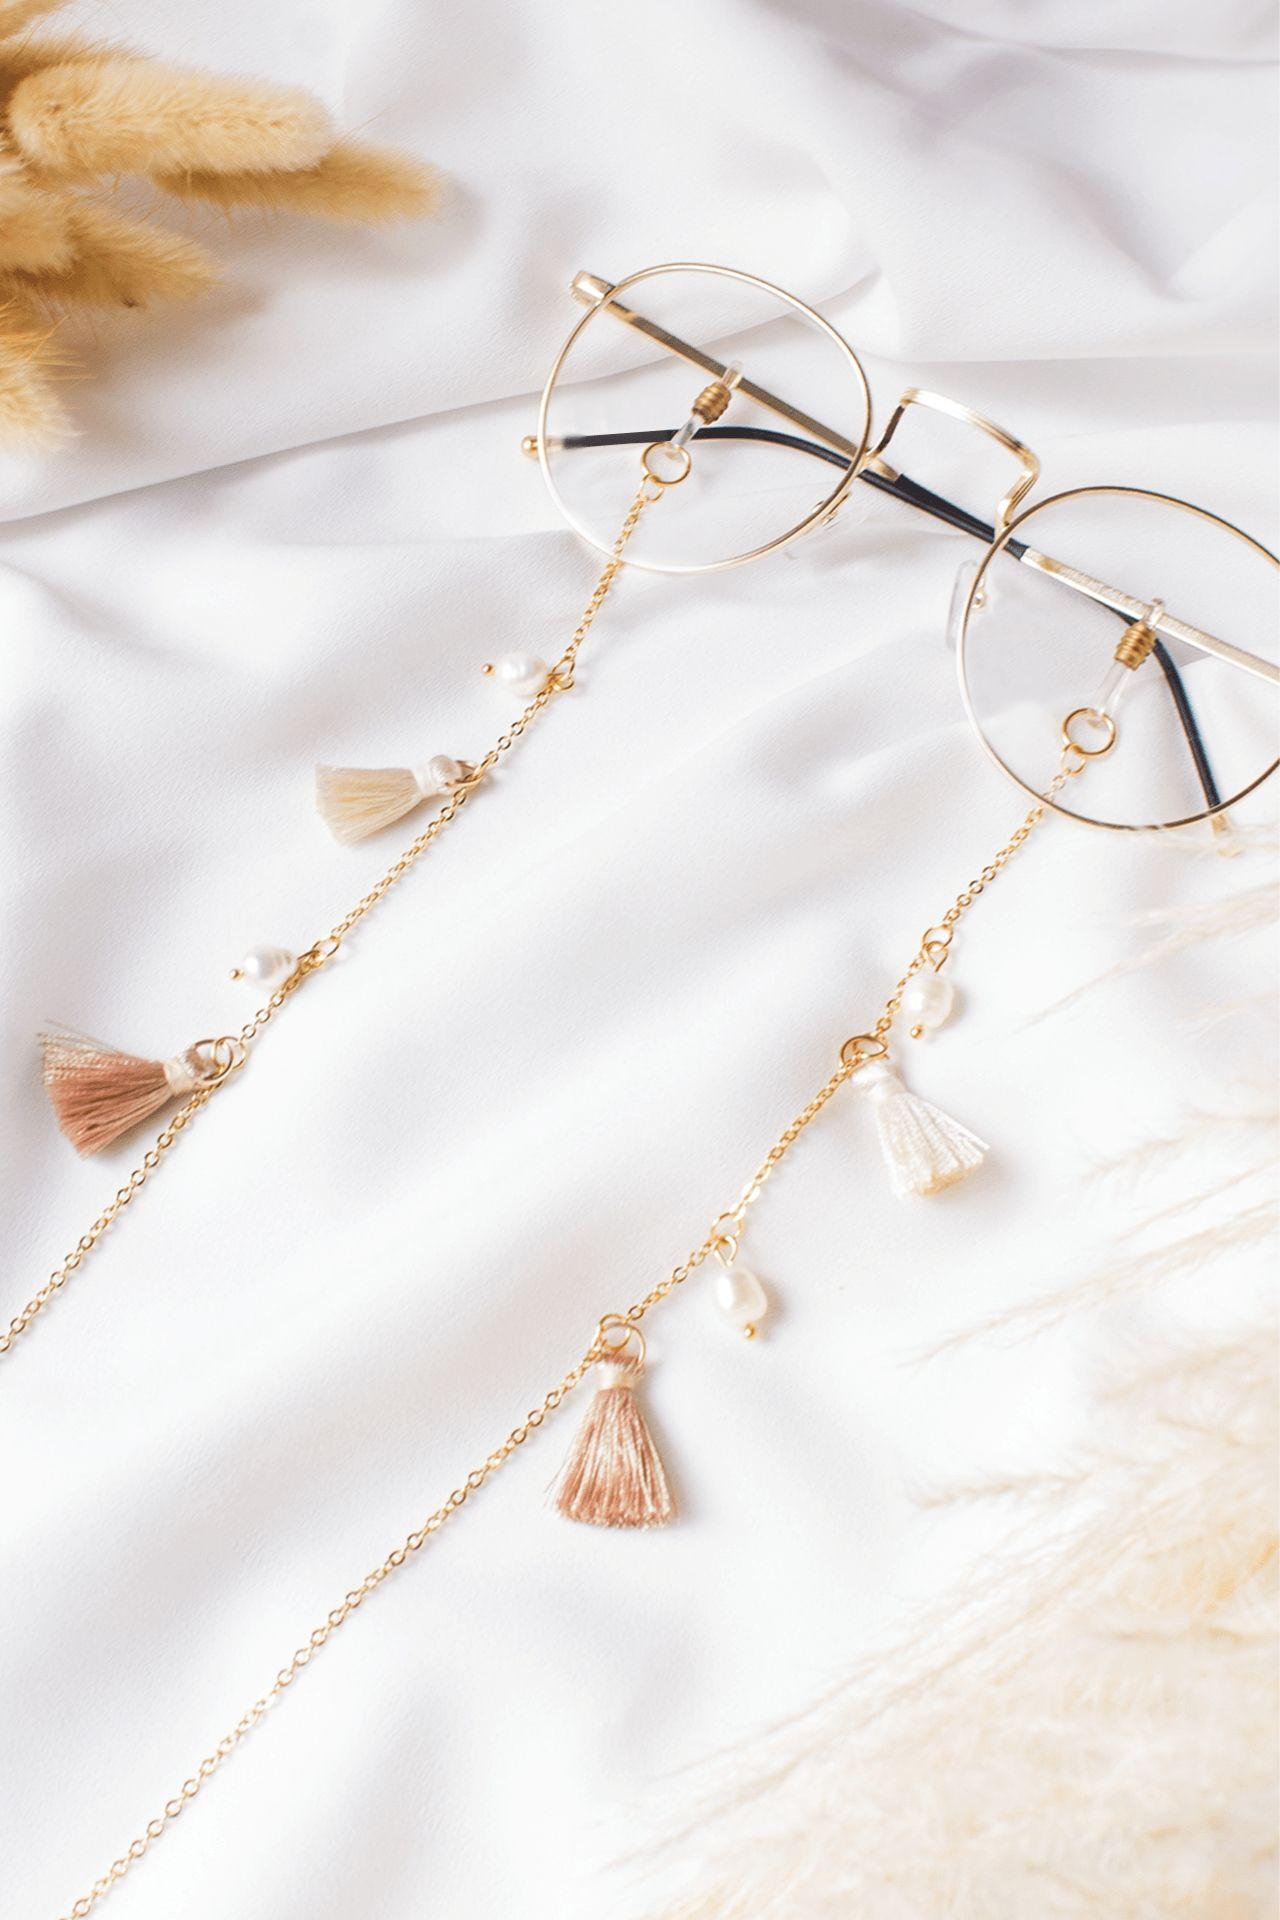 Descripción: Sujetador de lentes con perlas de río y pompones.  Material: Acero